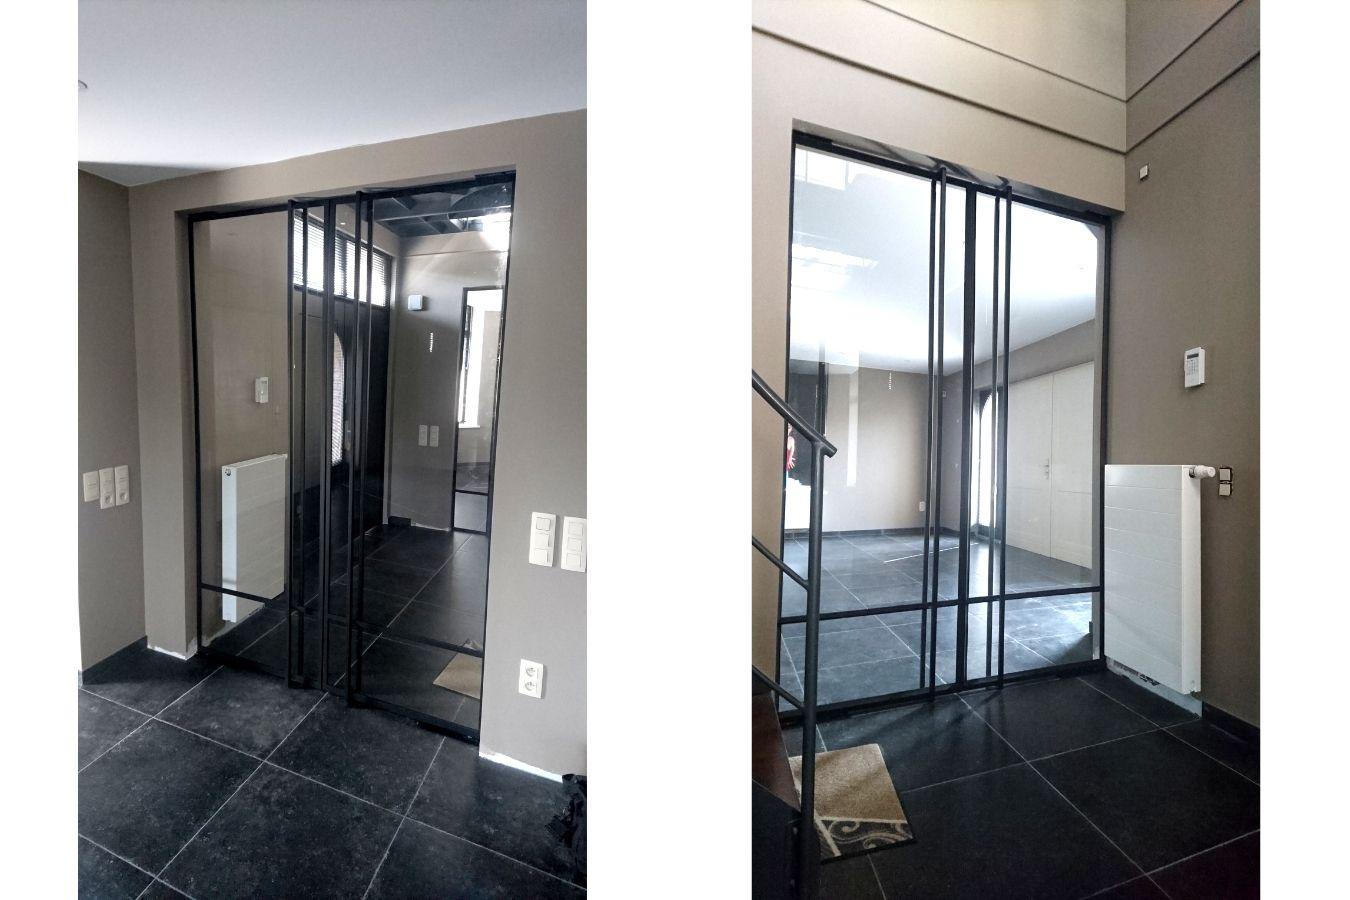 Stalen binnendeur in nieuwbouw villa - Stalen binnenpui - Stalen binnendeur - Stalen taatsdeur gerealiseerd door StalenDeurenHuys - Specialist in stalen deuren/pivot deuren